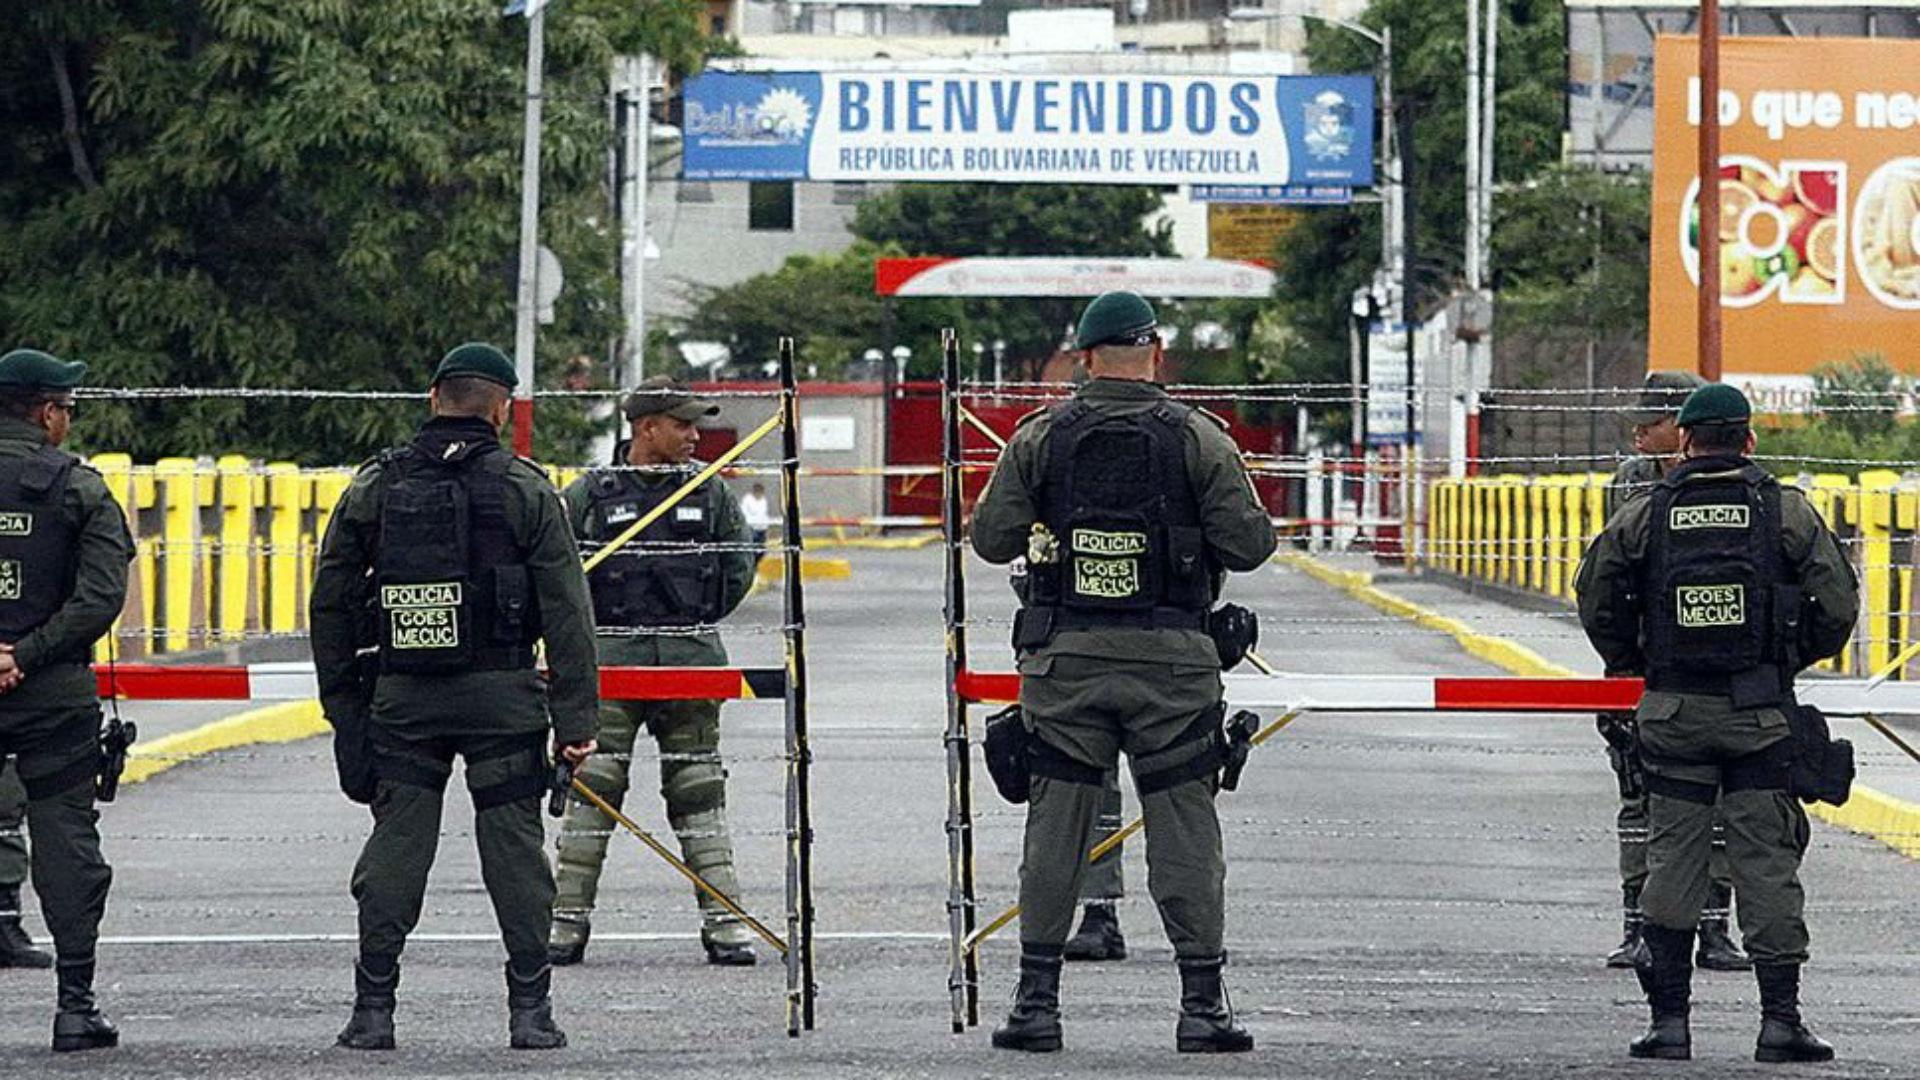 Agentes en el Puente Internacional Simón Bolívar, en la frontera entre Venezuela y Colombia (EFE)